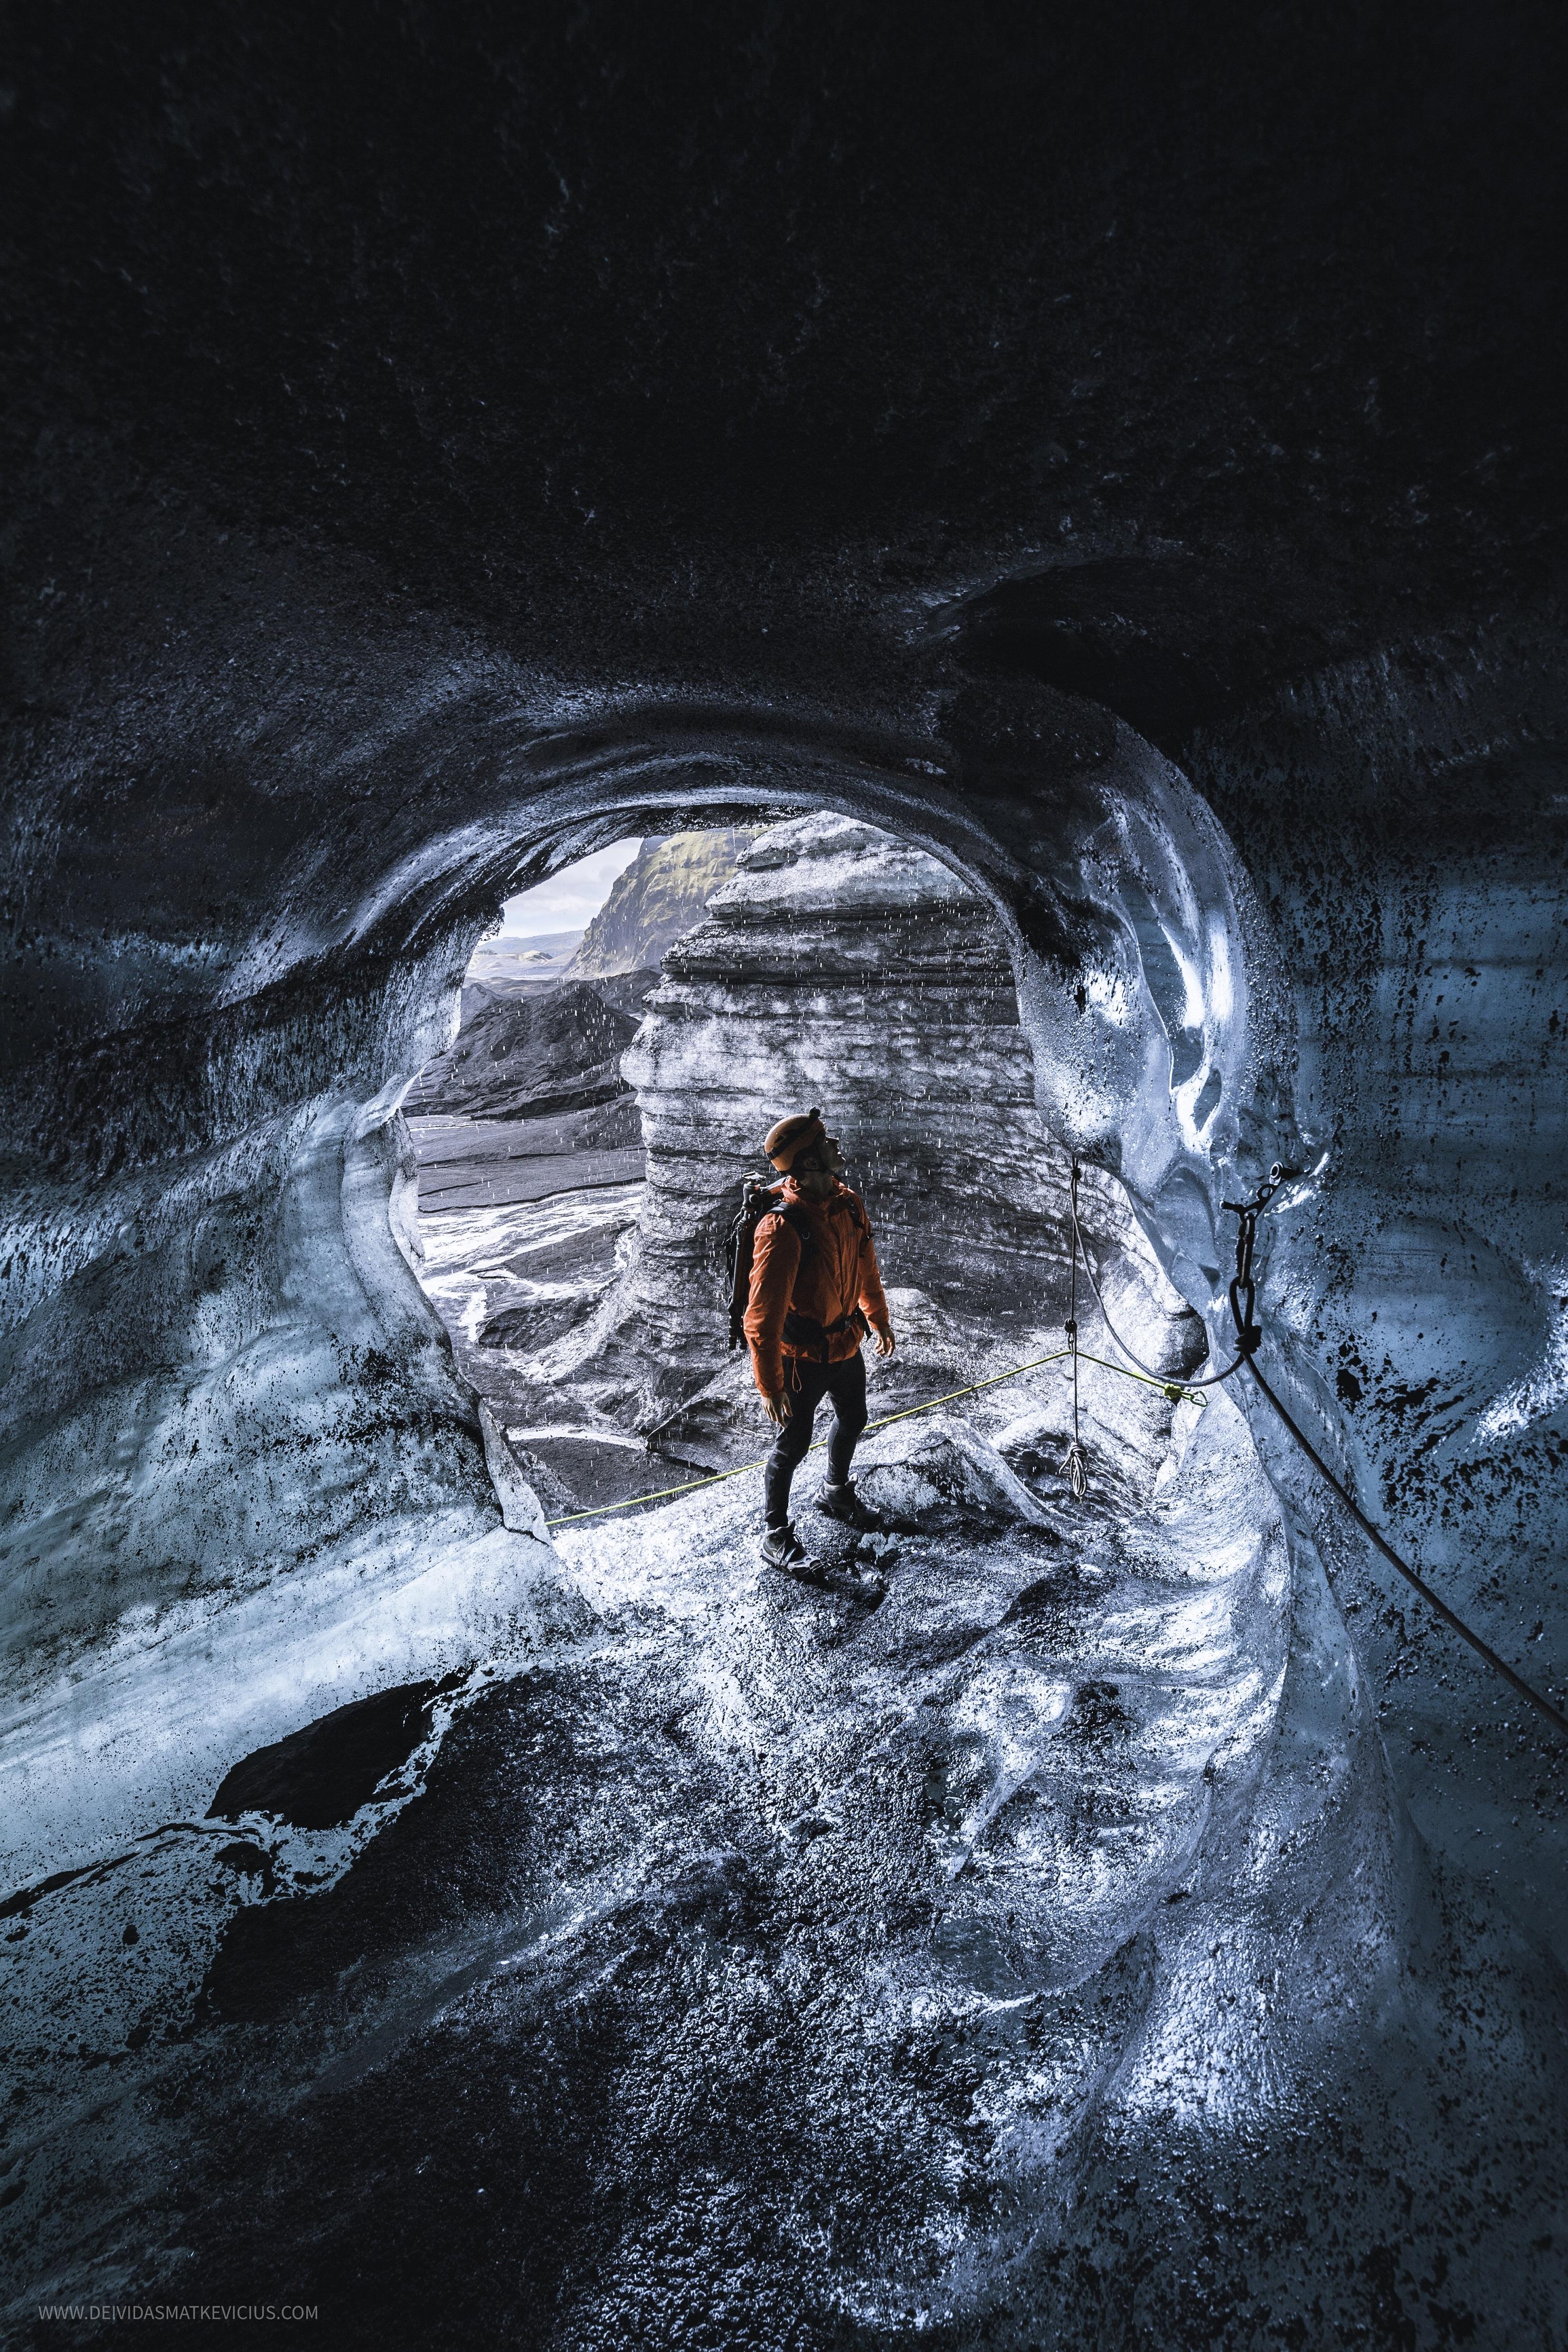 La cueva de hielo de Katla está ubicada dentro del glaciar Mýrdalsjökull, el cuarto casquete de hielo más grande de Islandia.